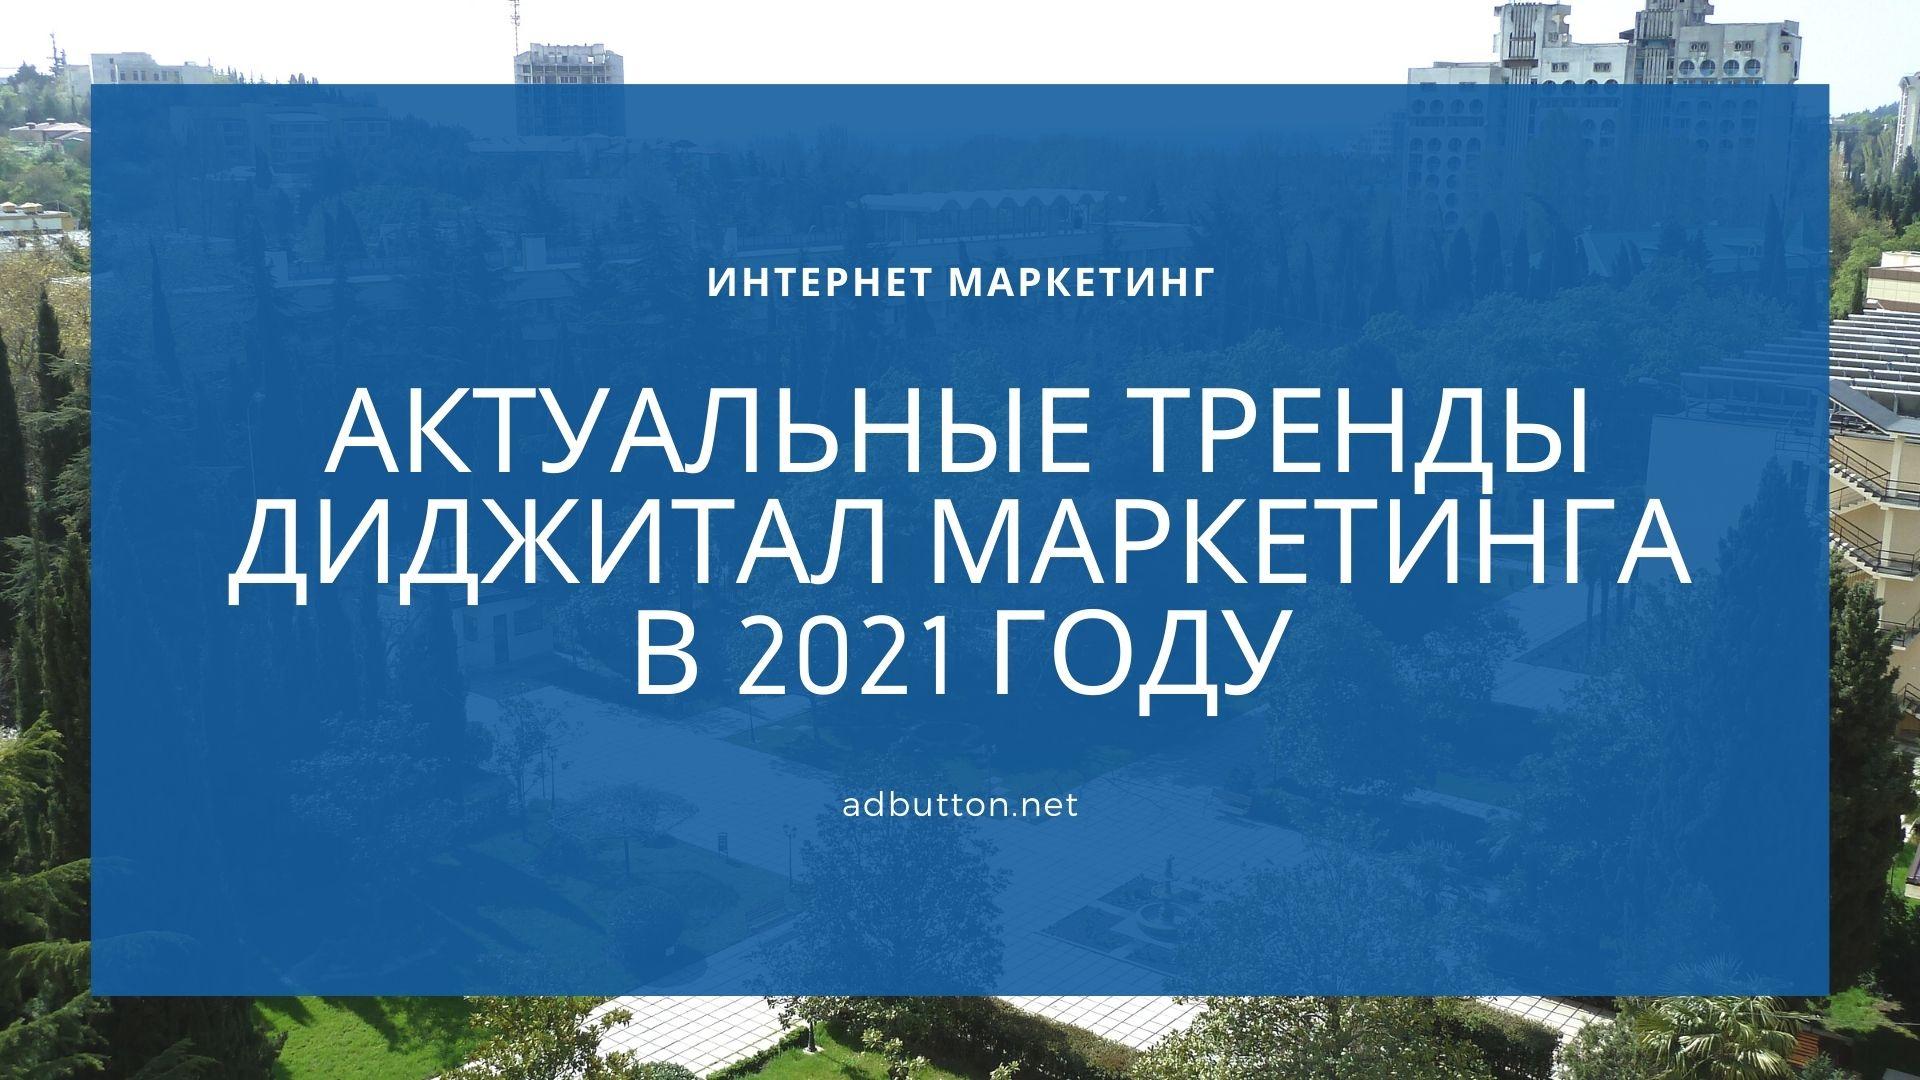 диджитал тренды 2021